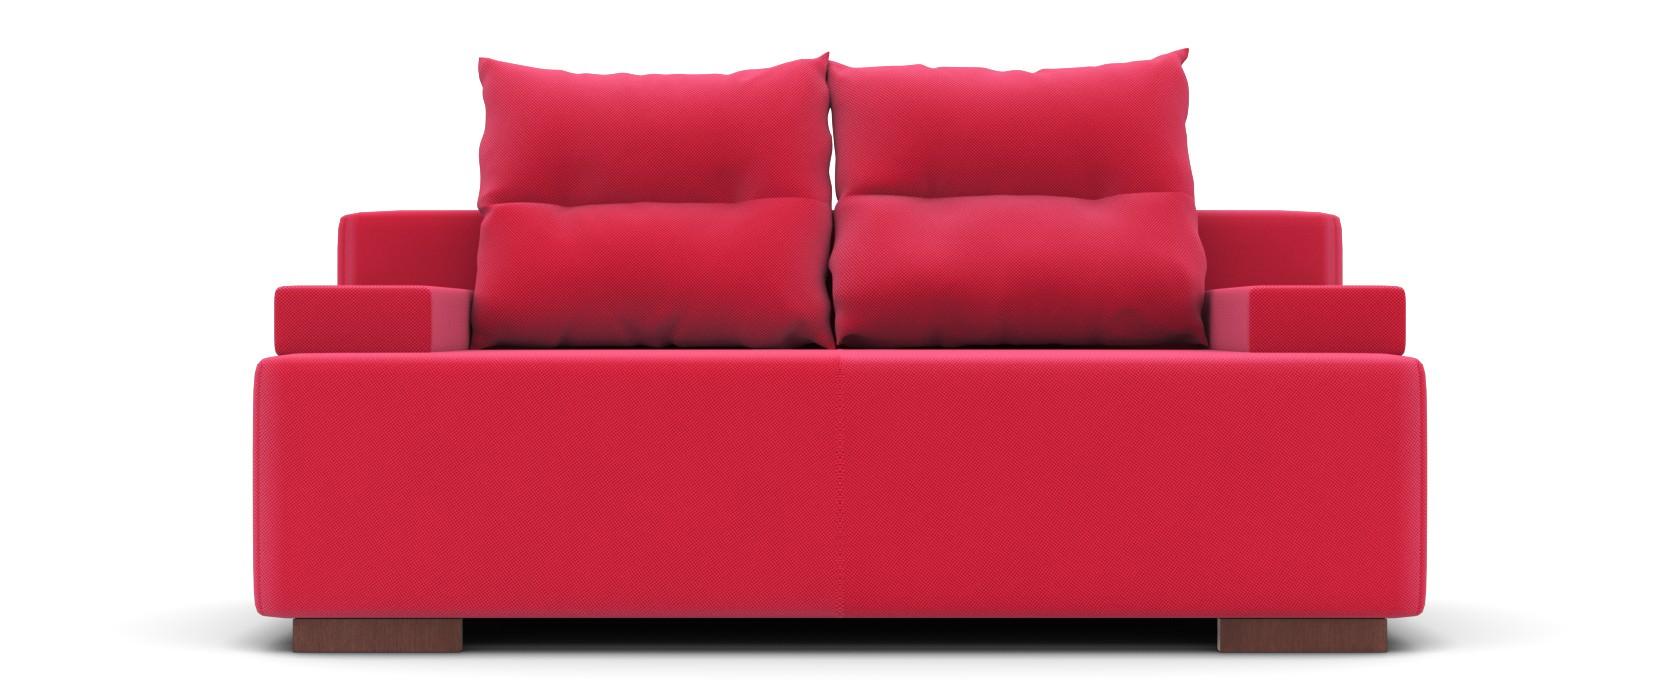 Тримісний диван Marta - Фото 1 - Pufetto